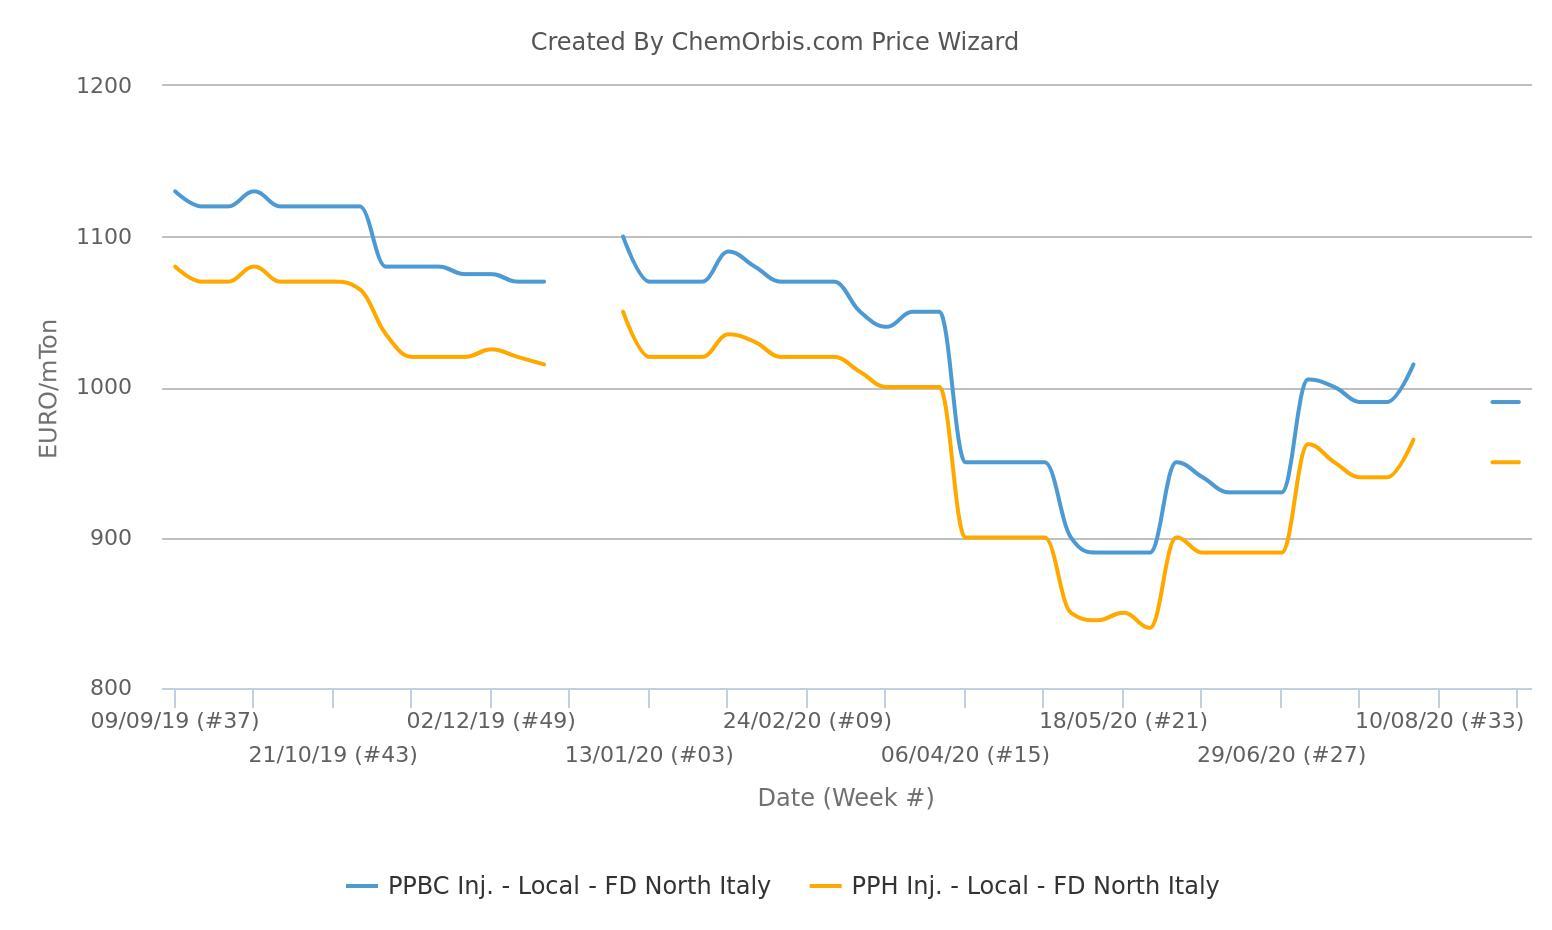 Dữ liệu cũng tiết lộ rằng homo PP và PPBC giảm. giá đã đạt mức trước đại dịch vào tháng Tám. - thị trường pp châu Âu